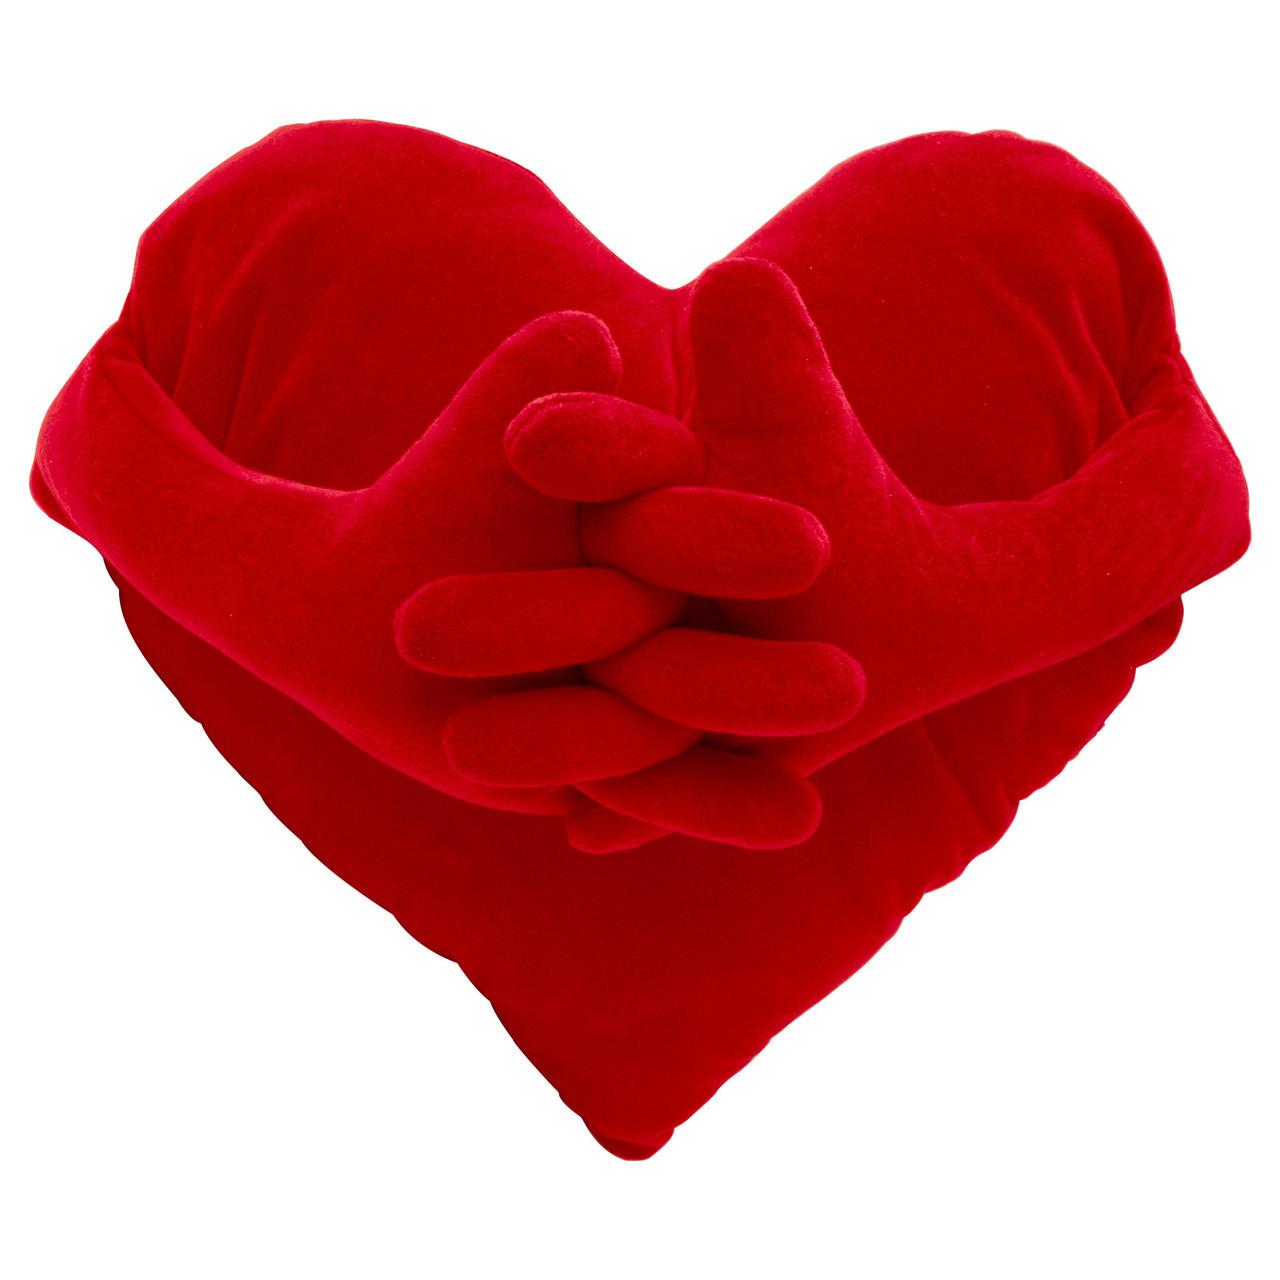 ФАМНИГ ЙЭРТА Подушка, красный, 40x101 см, 27470460, ІКЕА, ИКЕА, FAMNIG HJARTA